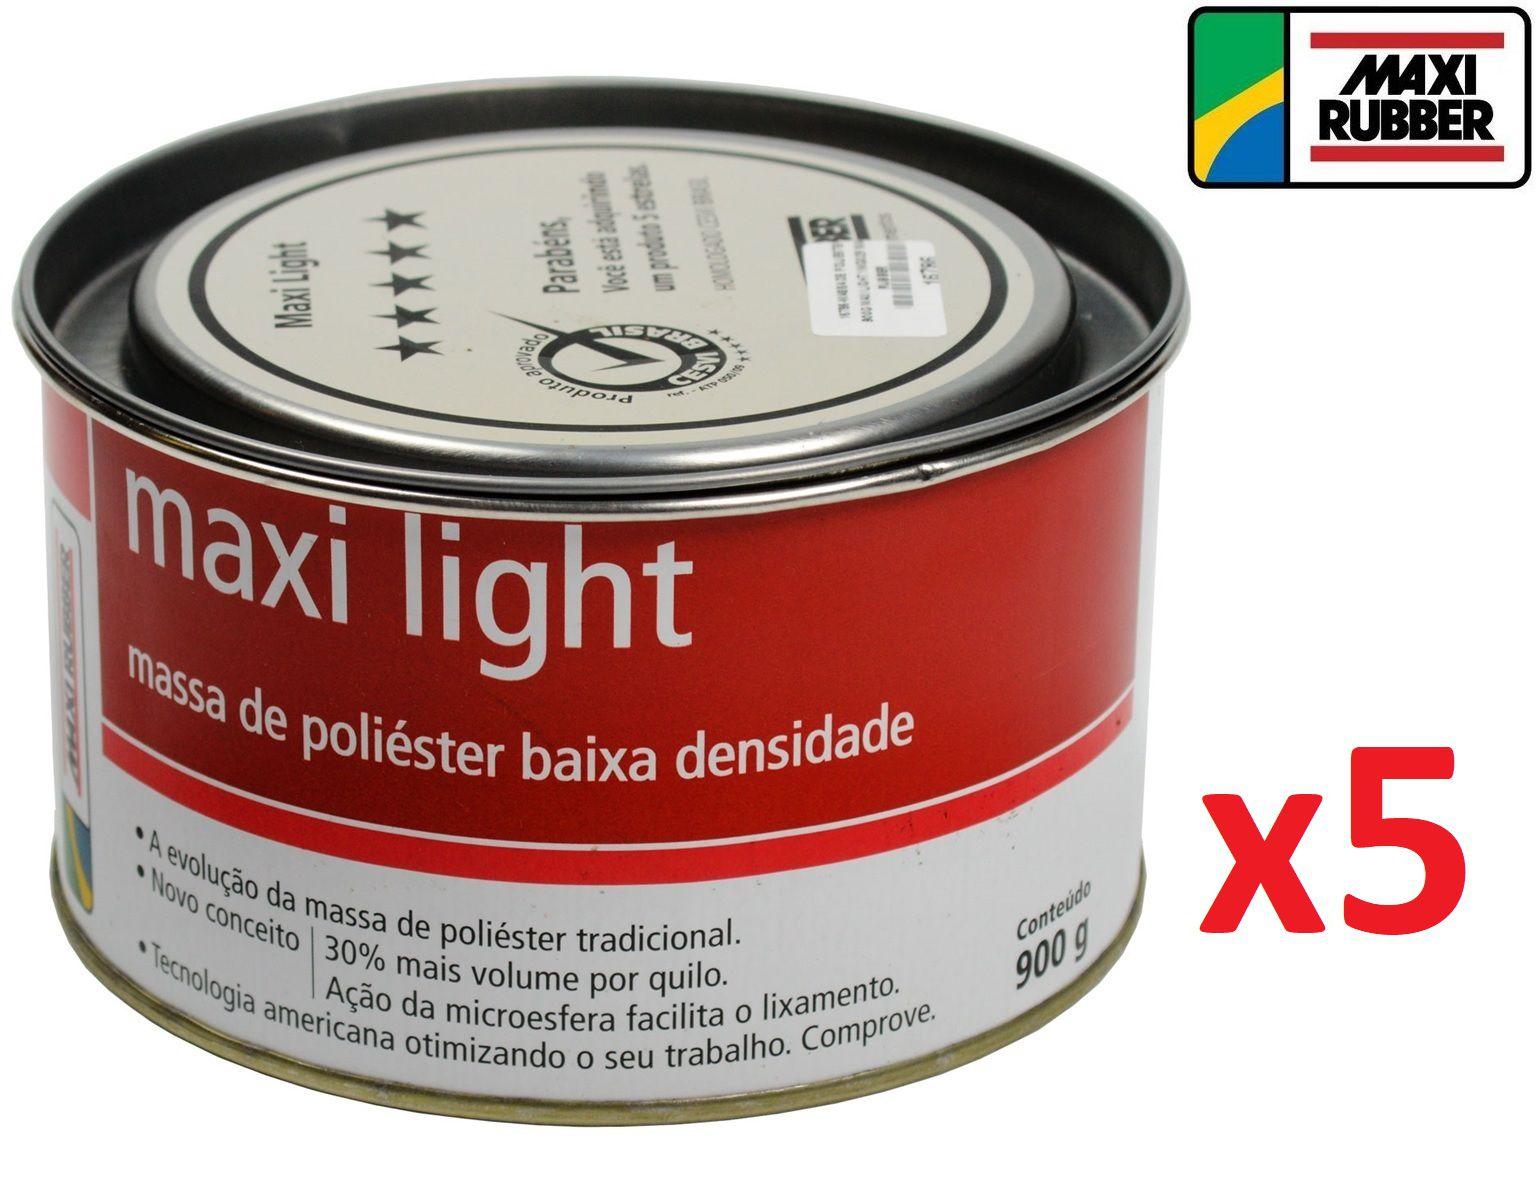 Kit c/ 05 Massa De Poliester Light 900 Grs Maxi Rubber 1mg025